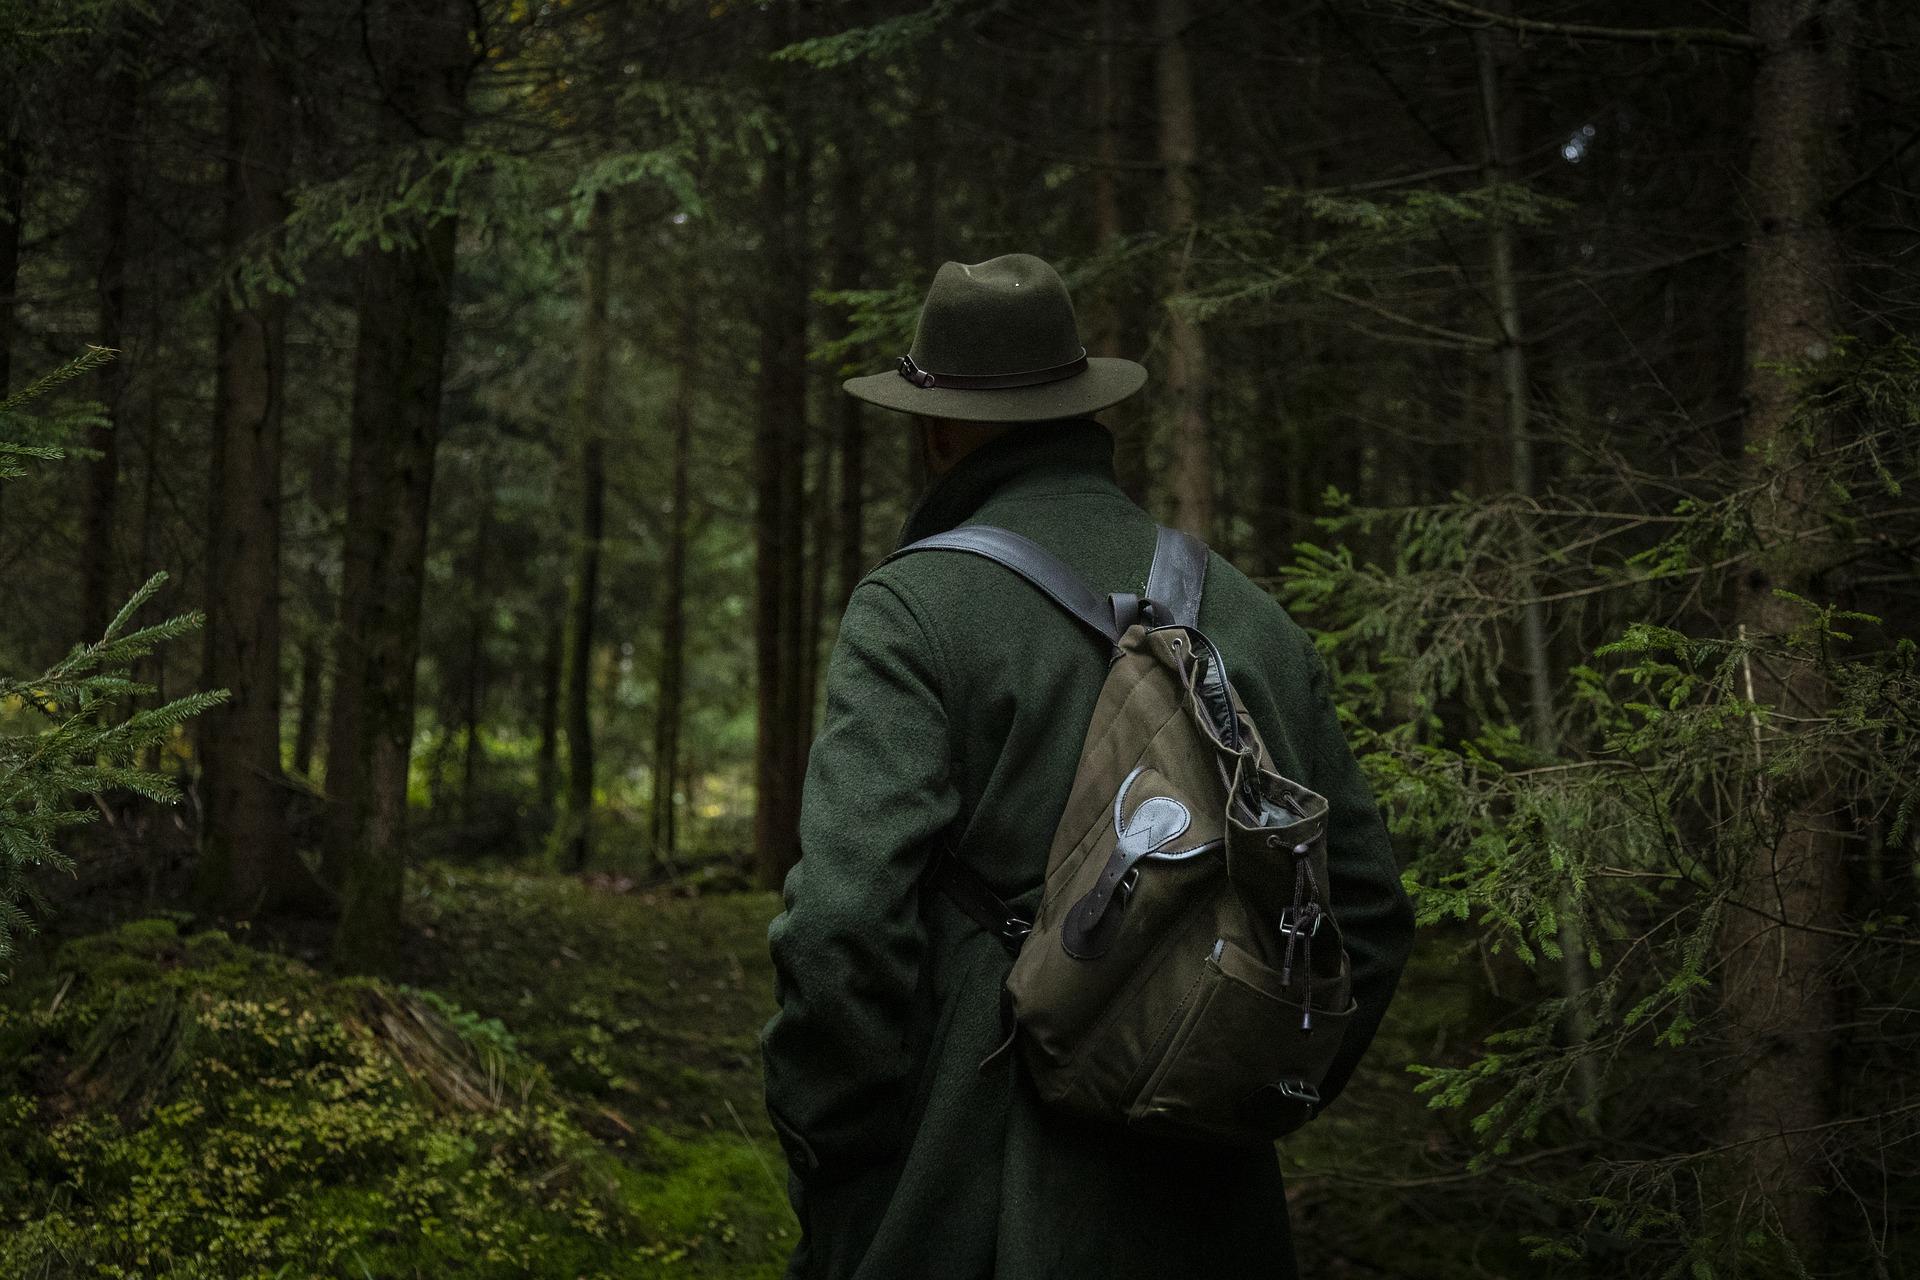 Backpack Hunting Trip